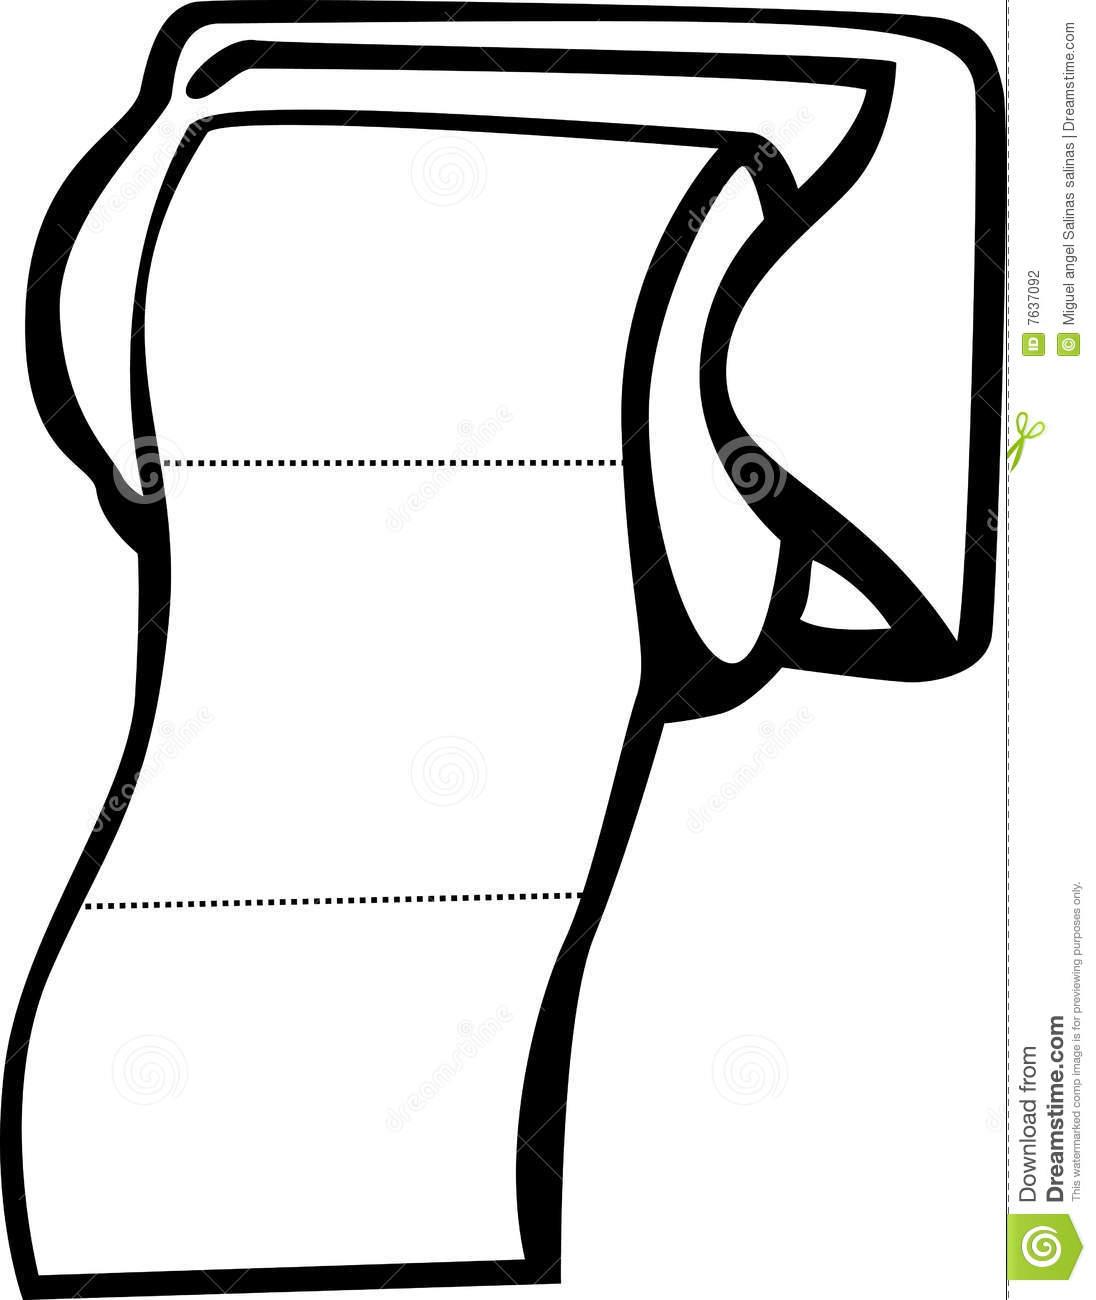 1096x1300 Bathroom Tissue Clipart